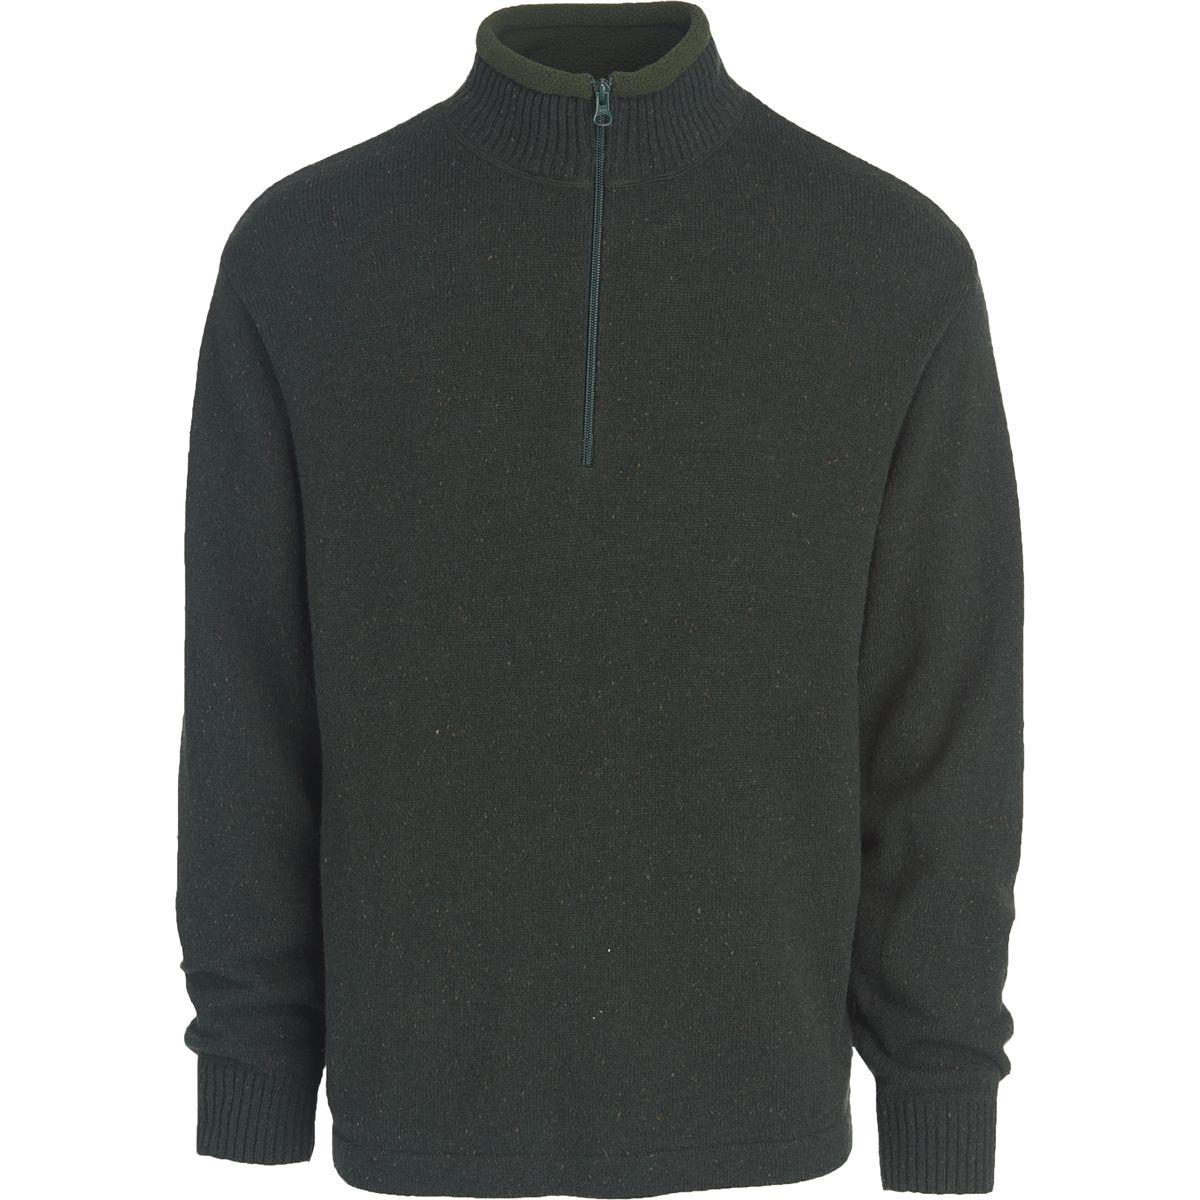 Woolrich Granite Springs II Half-Zip Sweater - Men